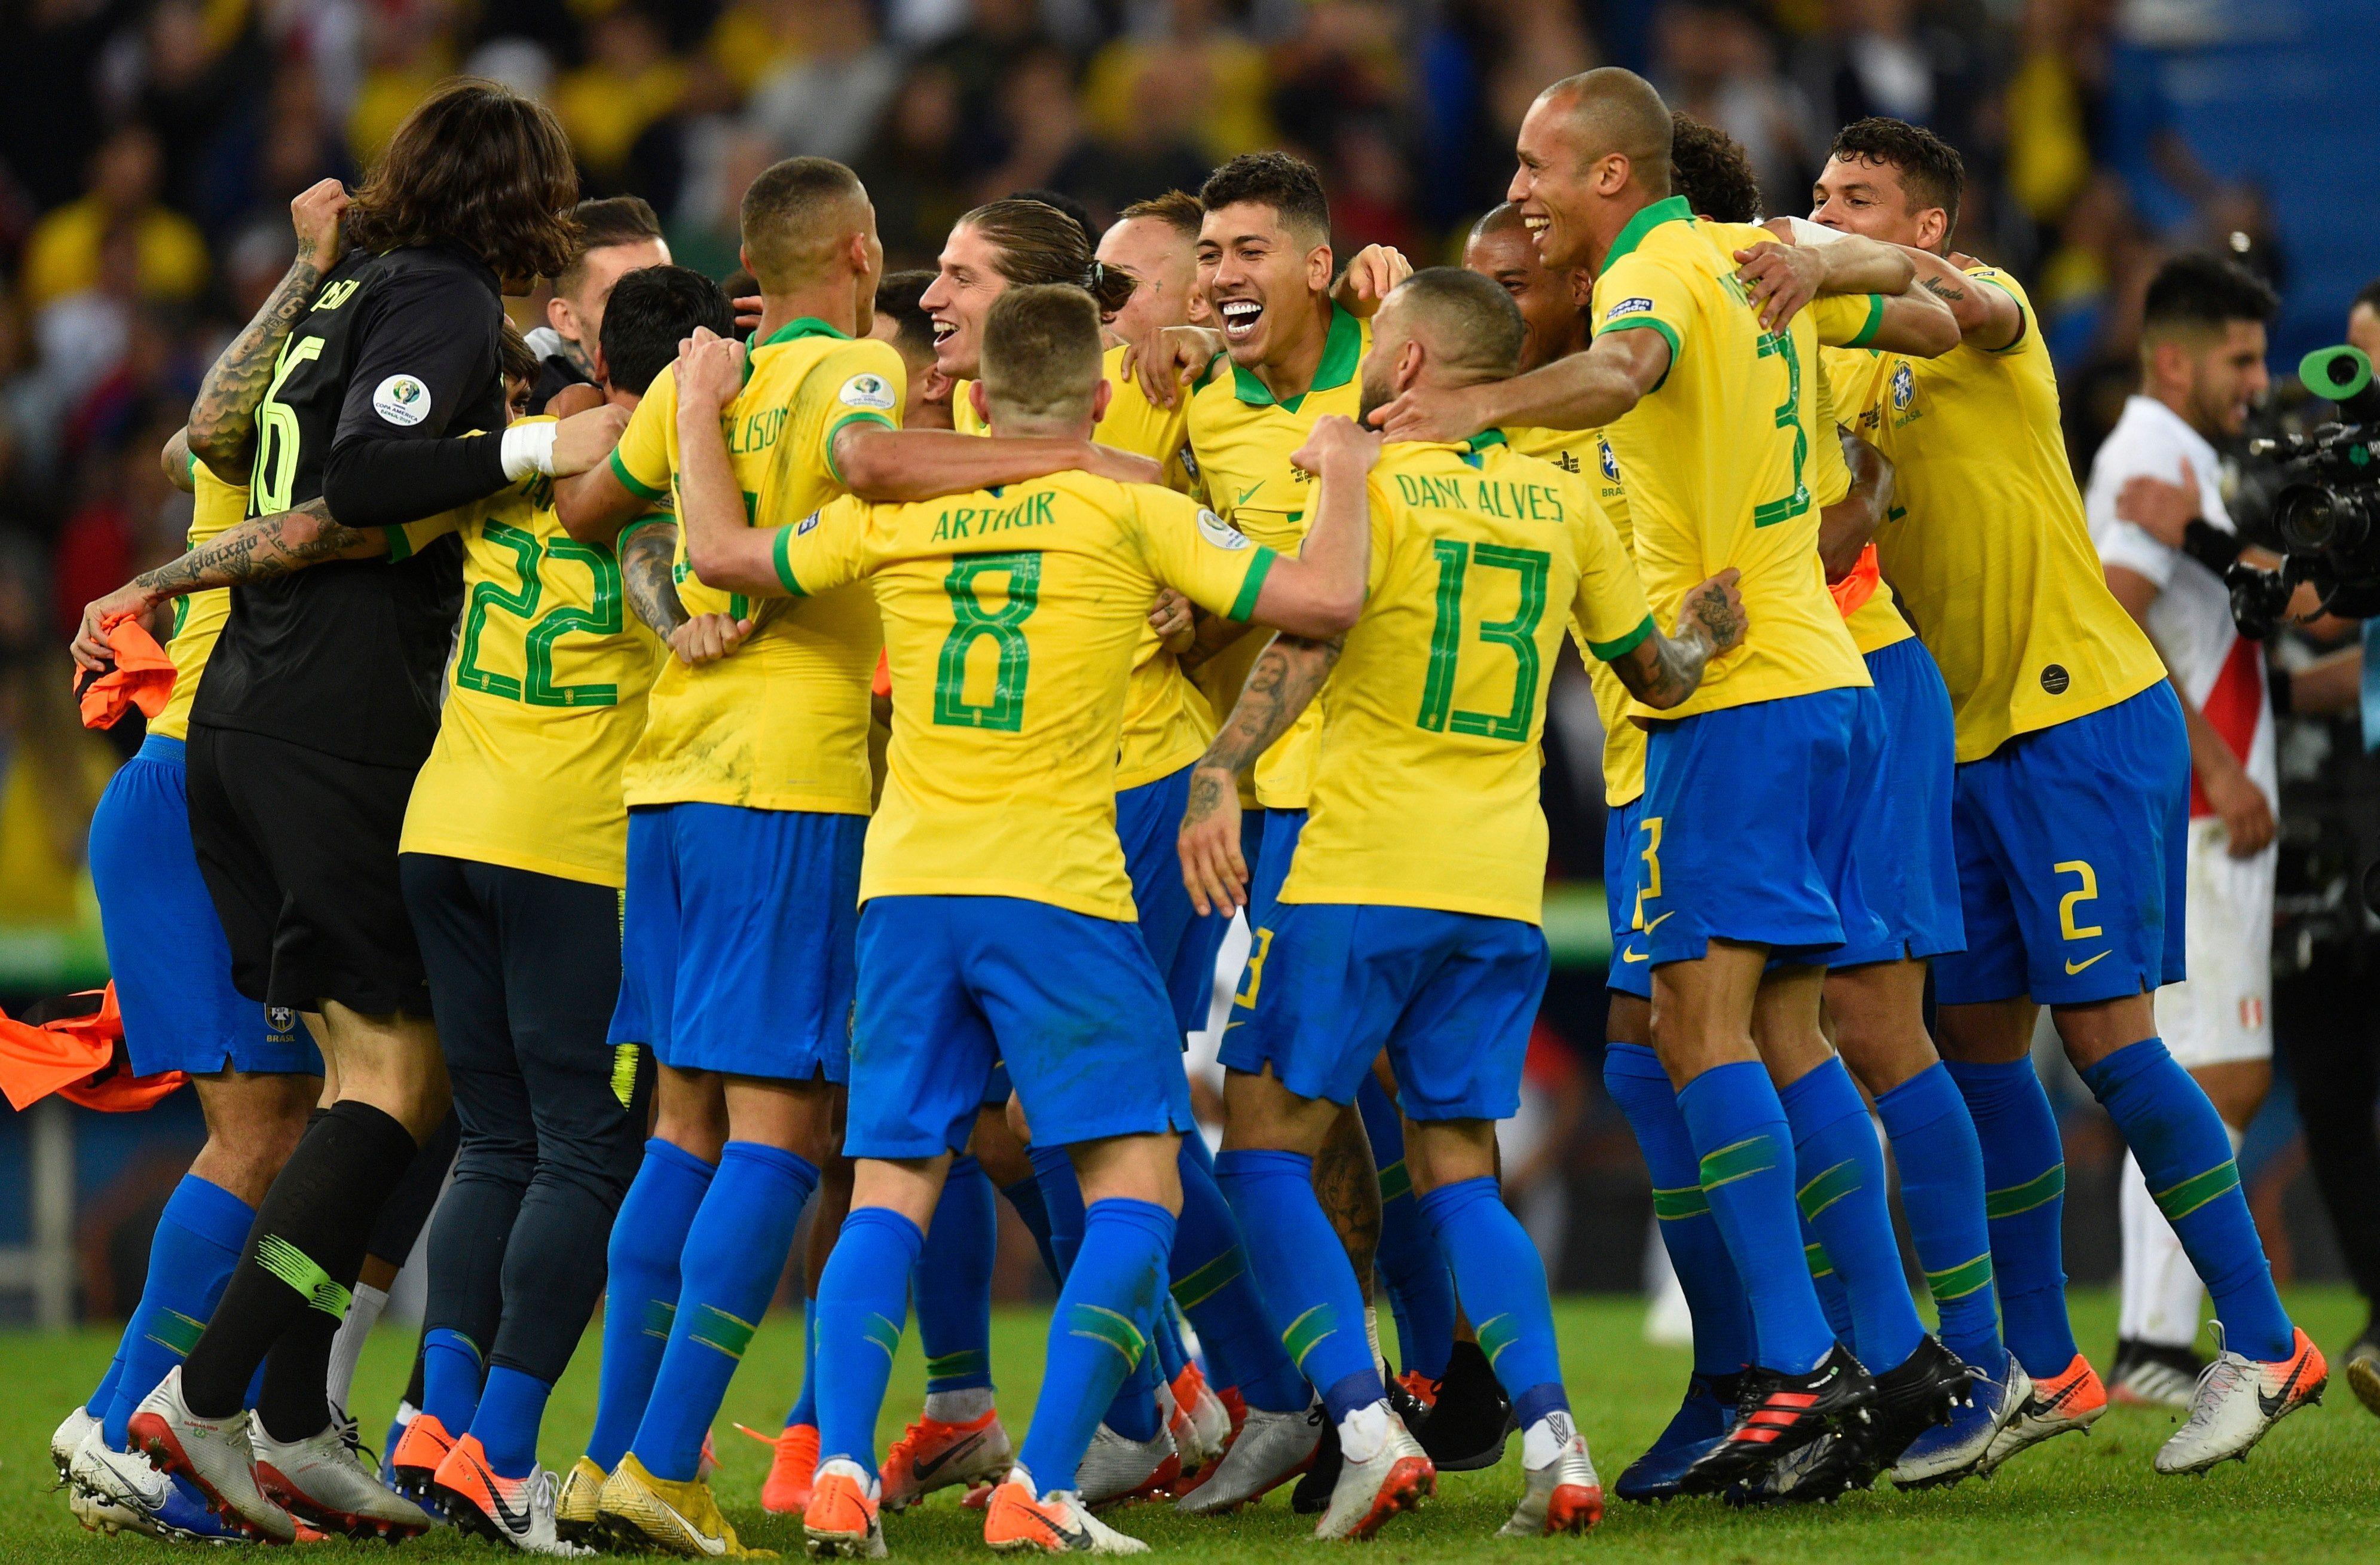 викуньи футболисты сборной бразилии список и фото материалы, такие